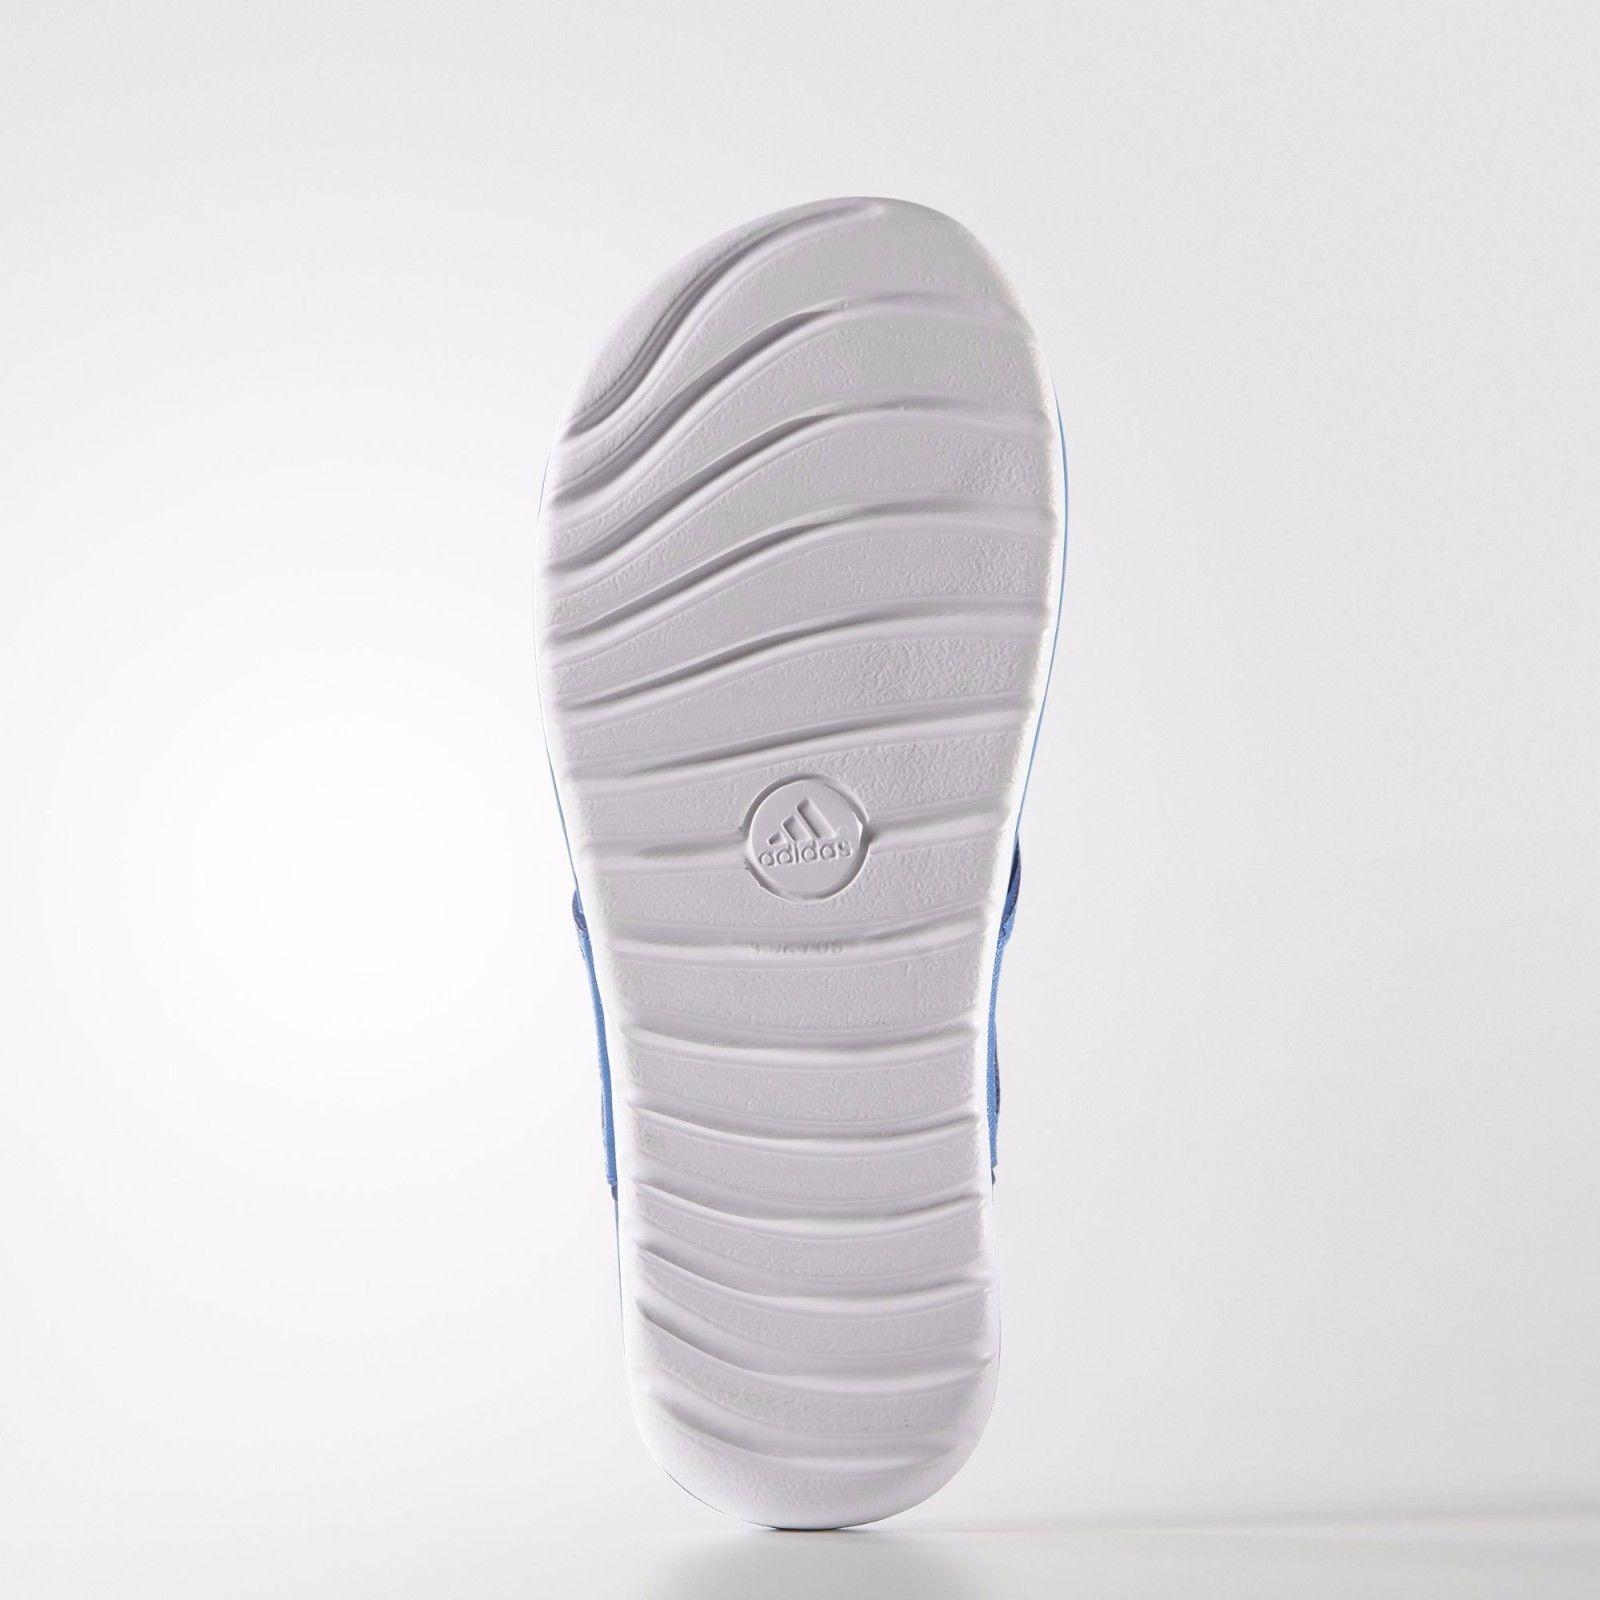 adidas Mens Calo 5 Flip Flops Sandals Pool Beach Shoes Slides image 6